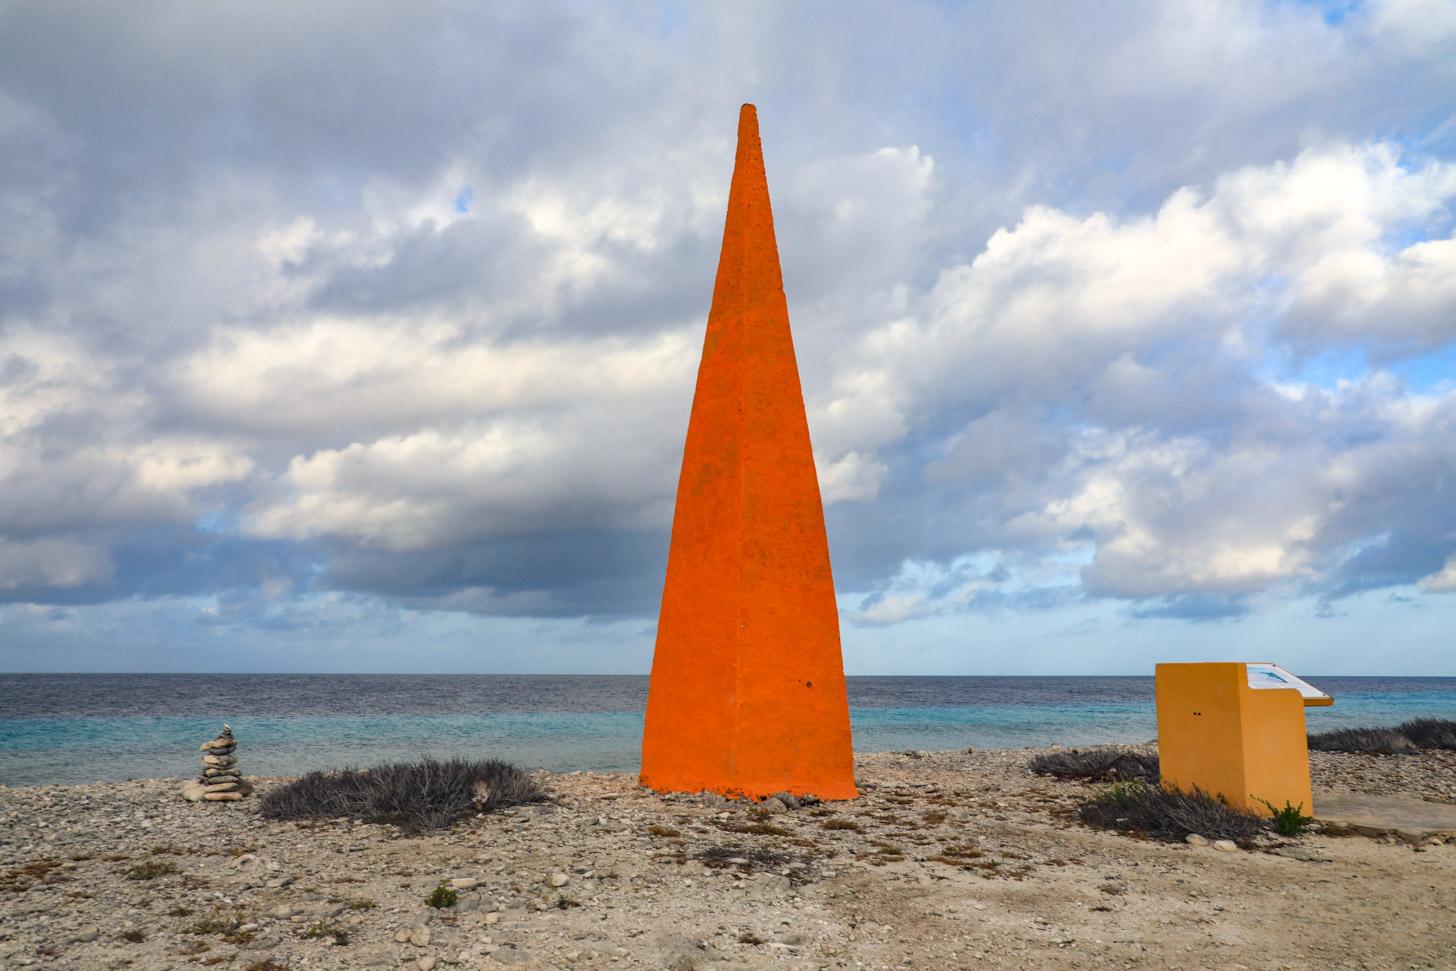 De oranje obelisk bij oranje pan